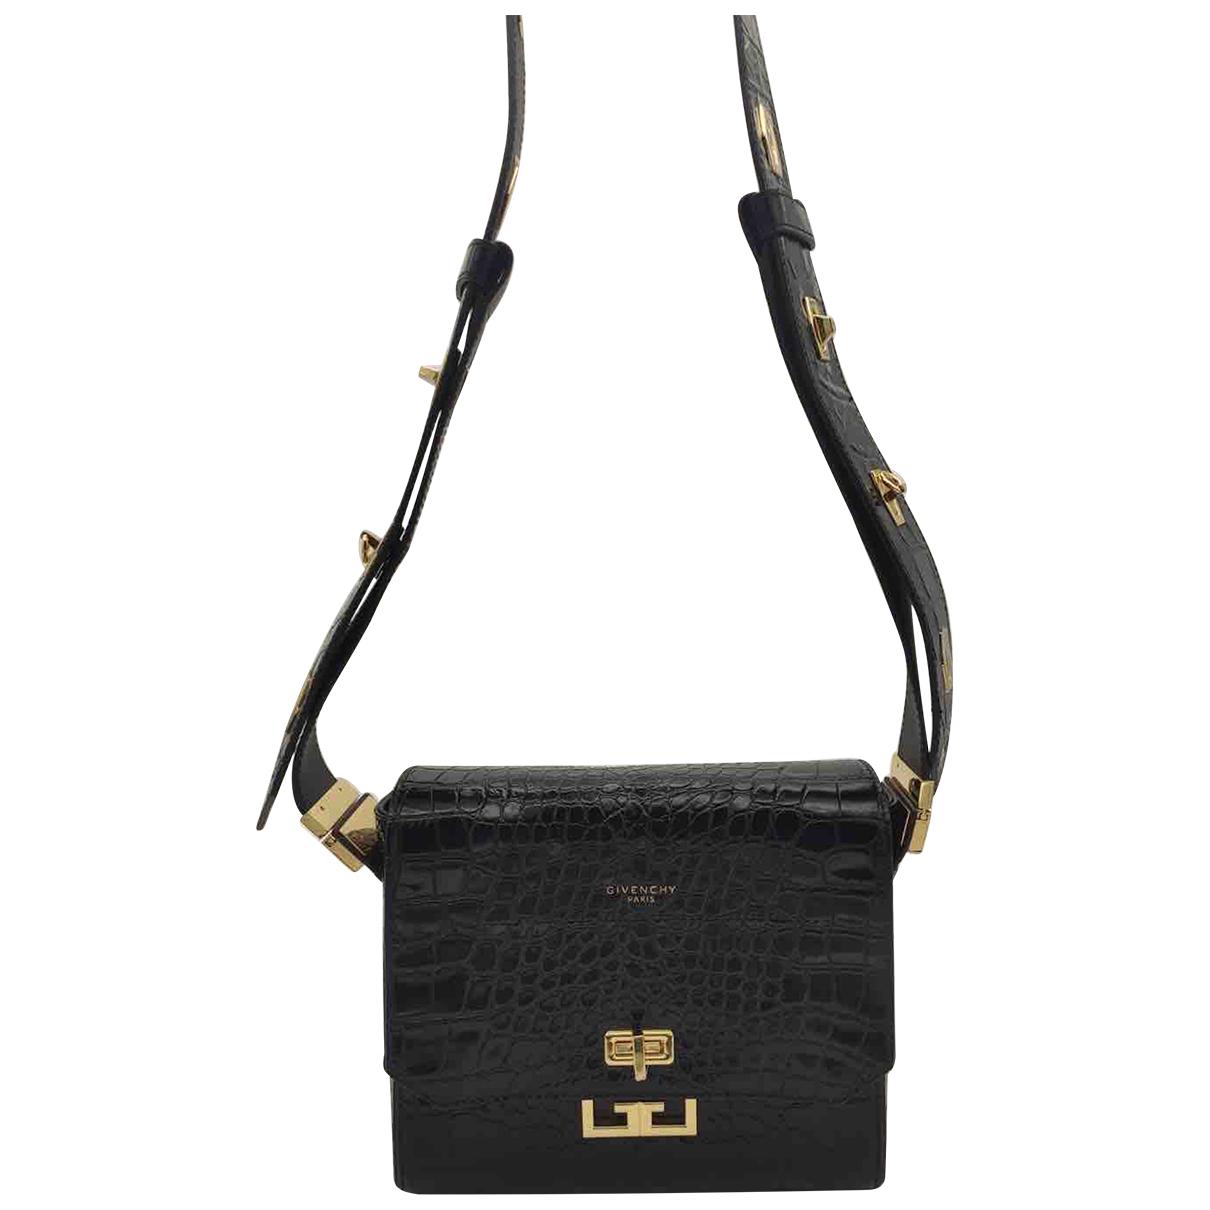 Givenchy Eden Black Leather handbag for Women N